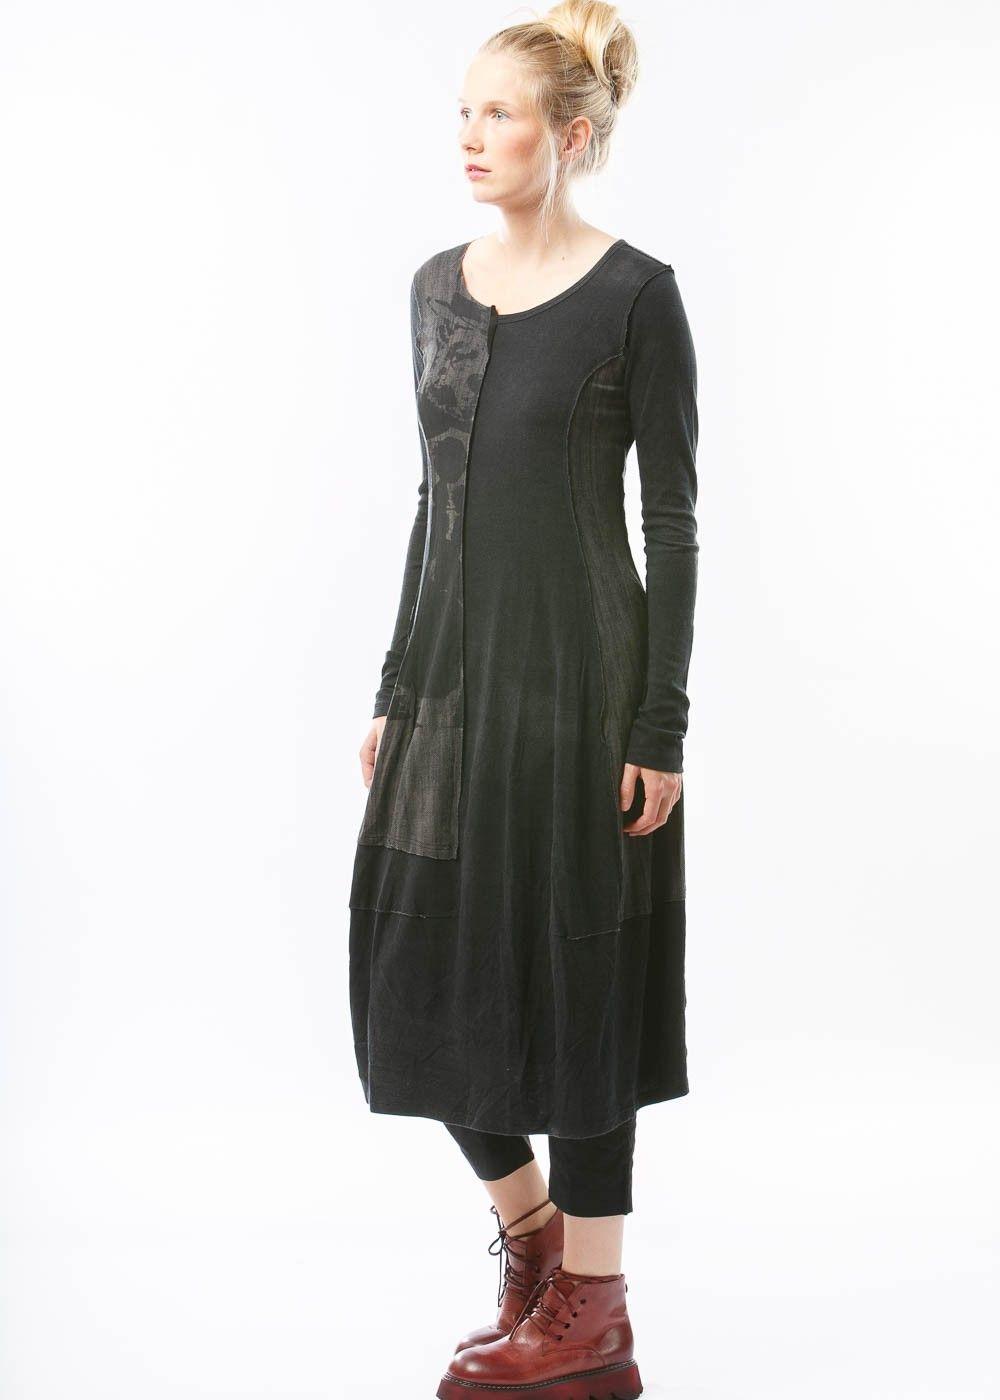 Kleid von RUNDHOLZ Black Label - dagmarfischermode.de ...